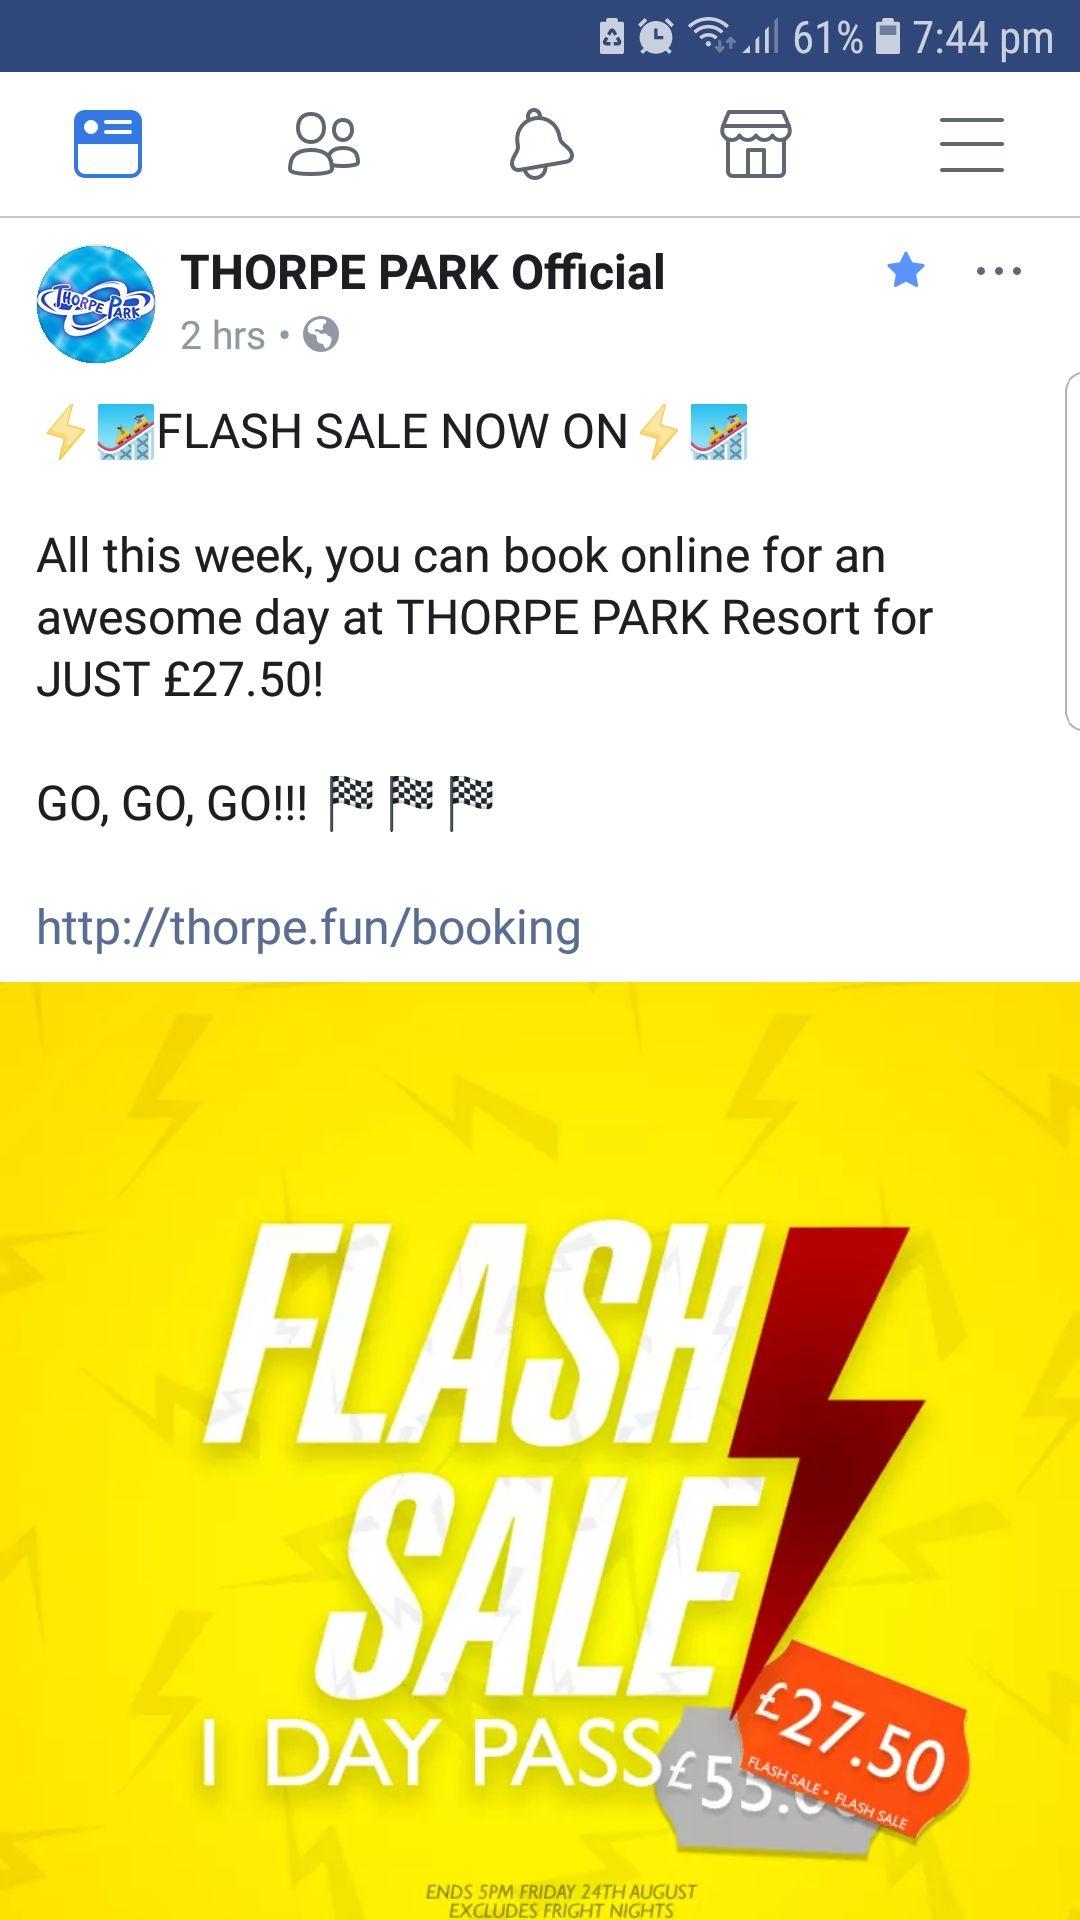 Thorpe Park flash sale - £27.50